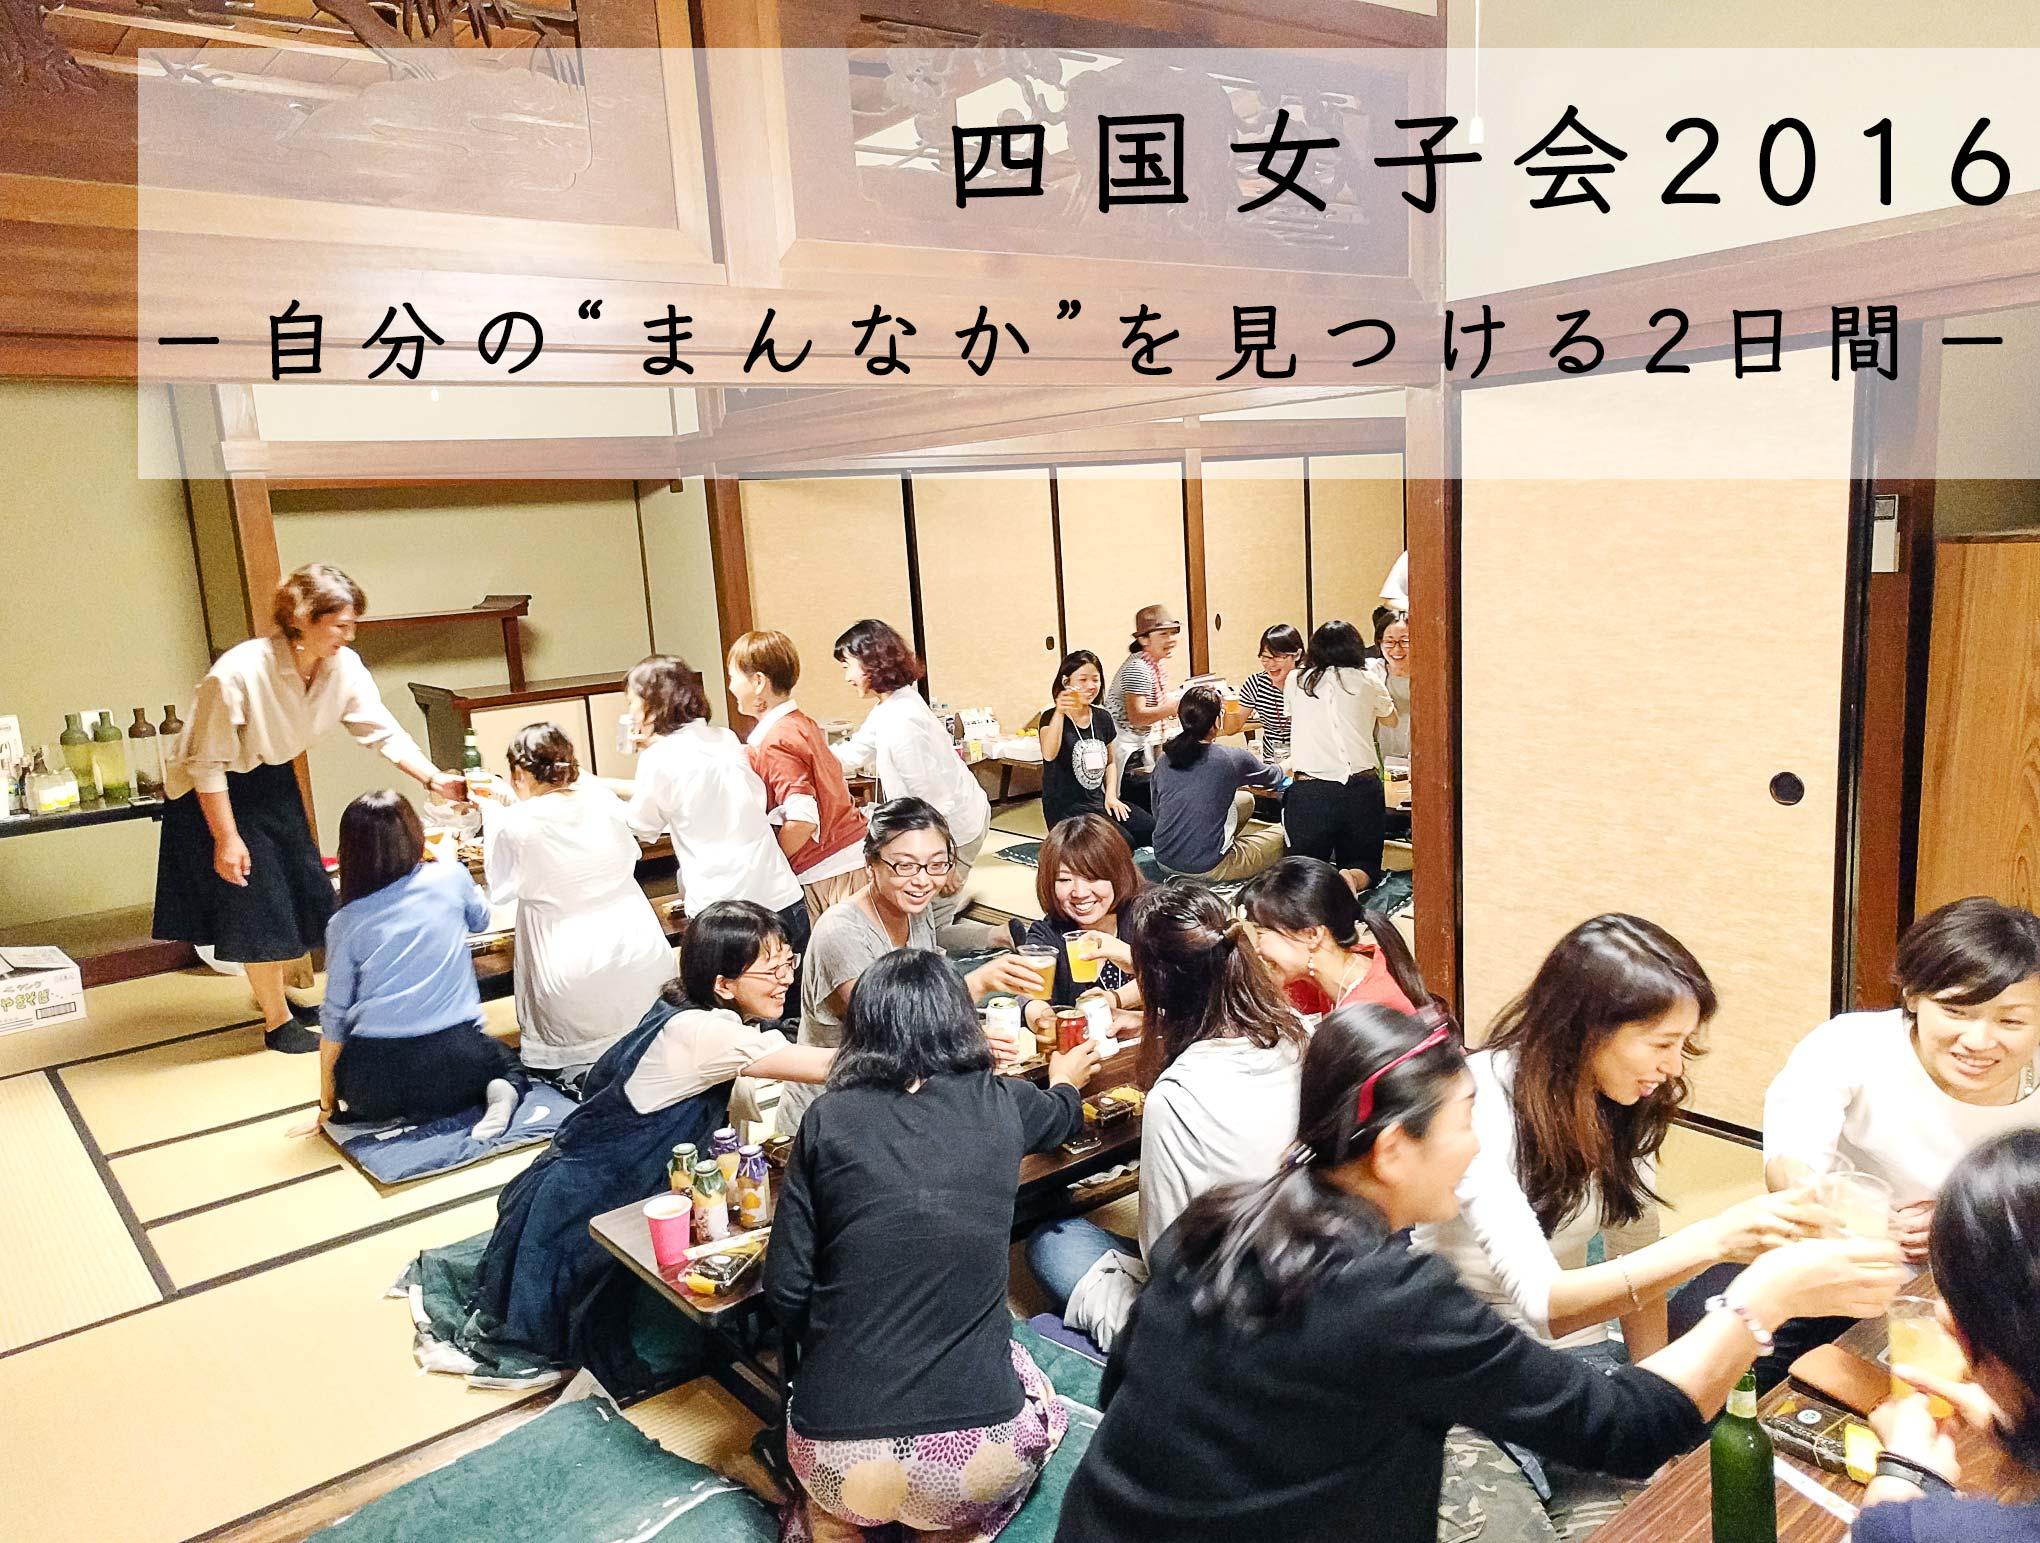 shikoku-jyoshikai-175-2